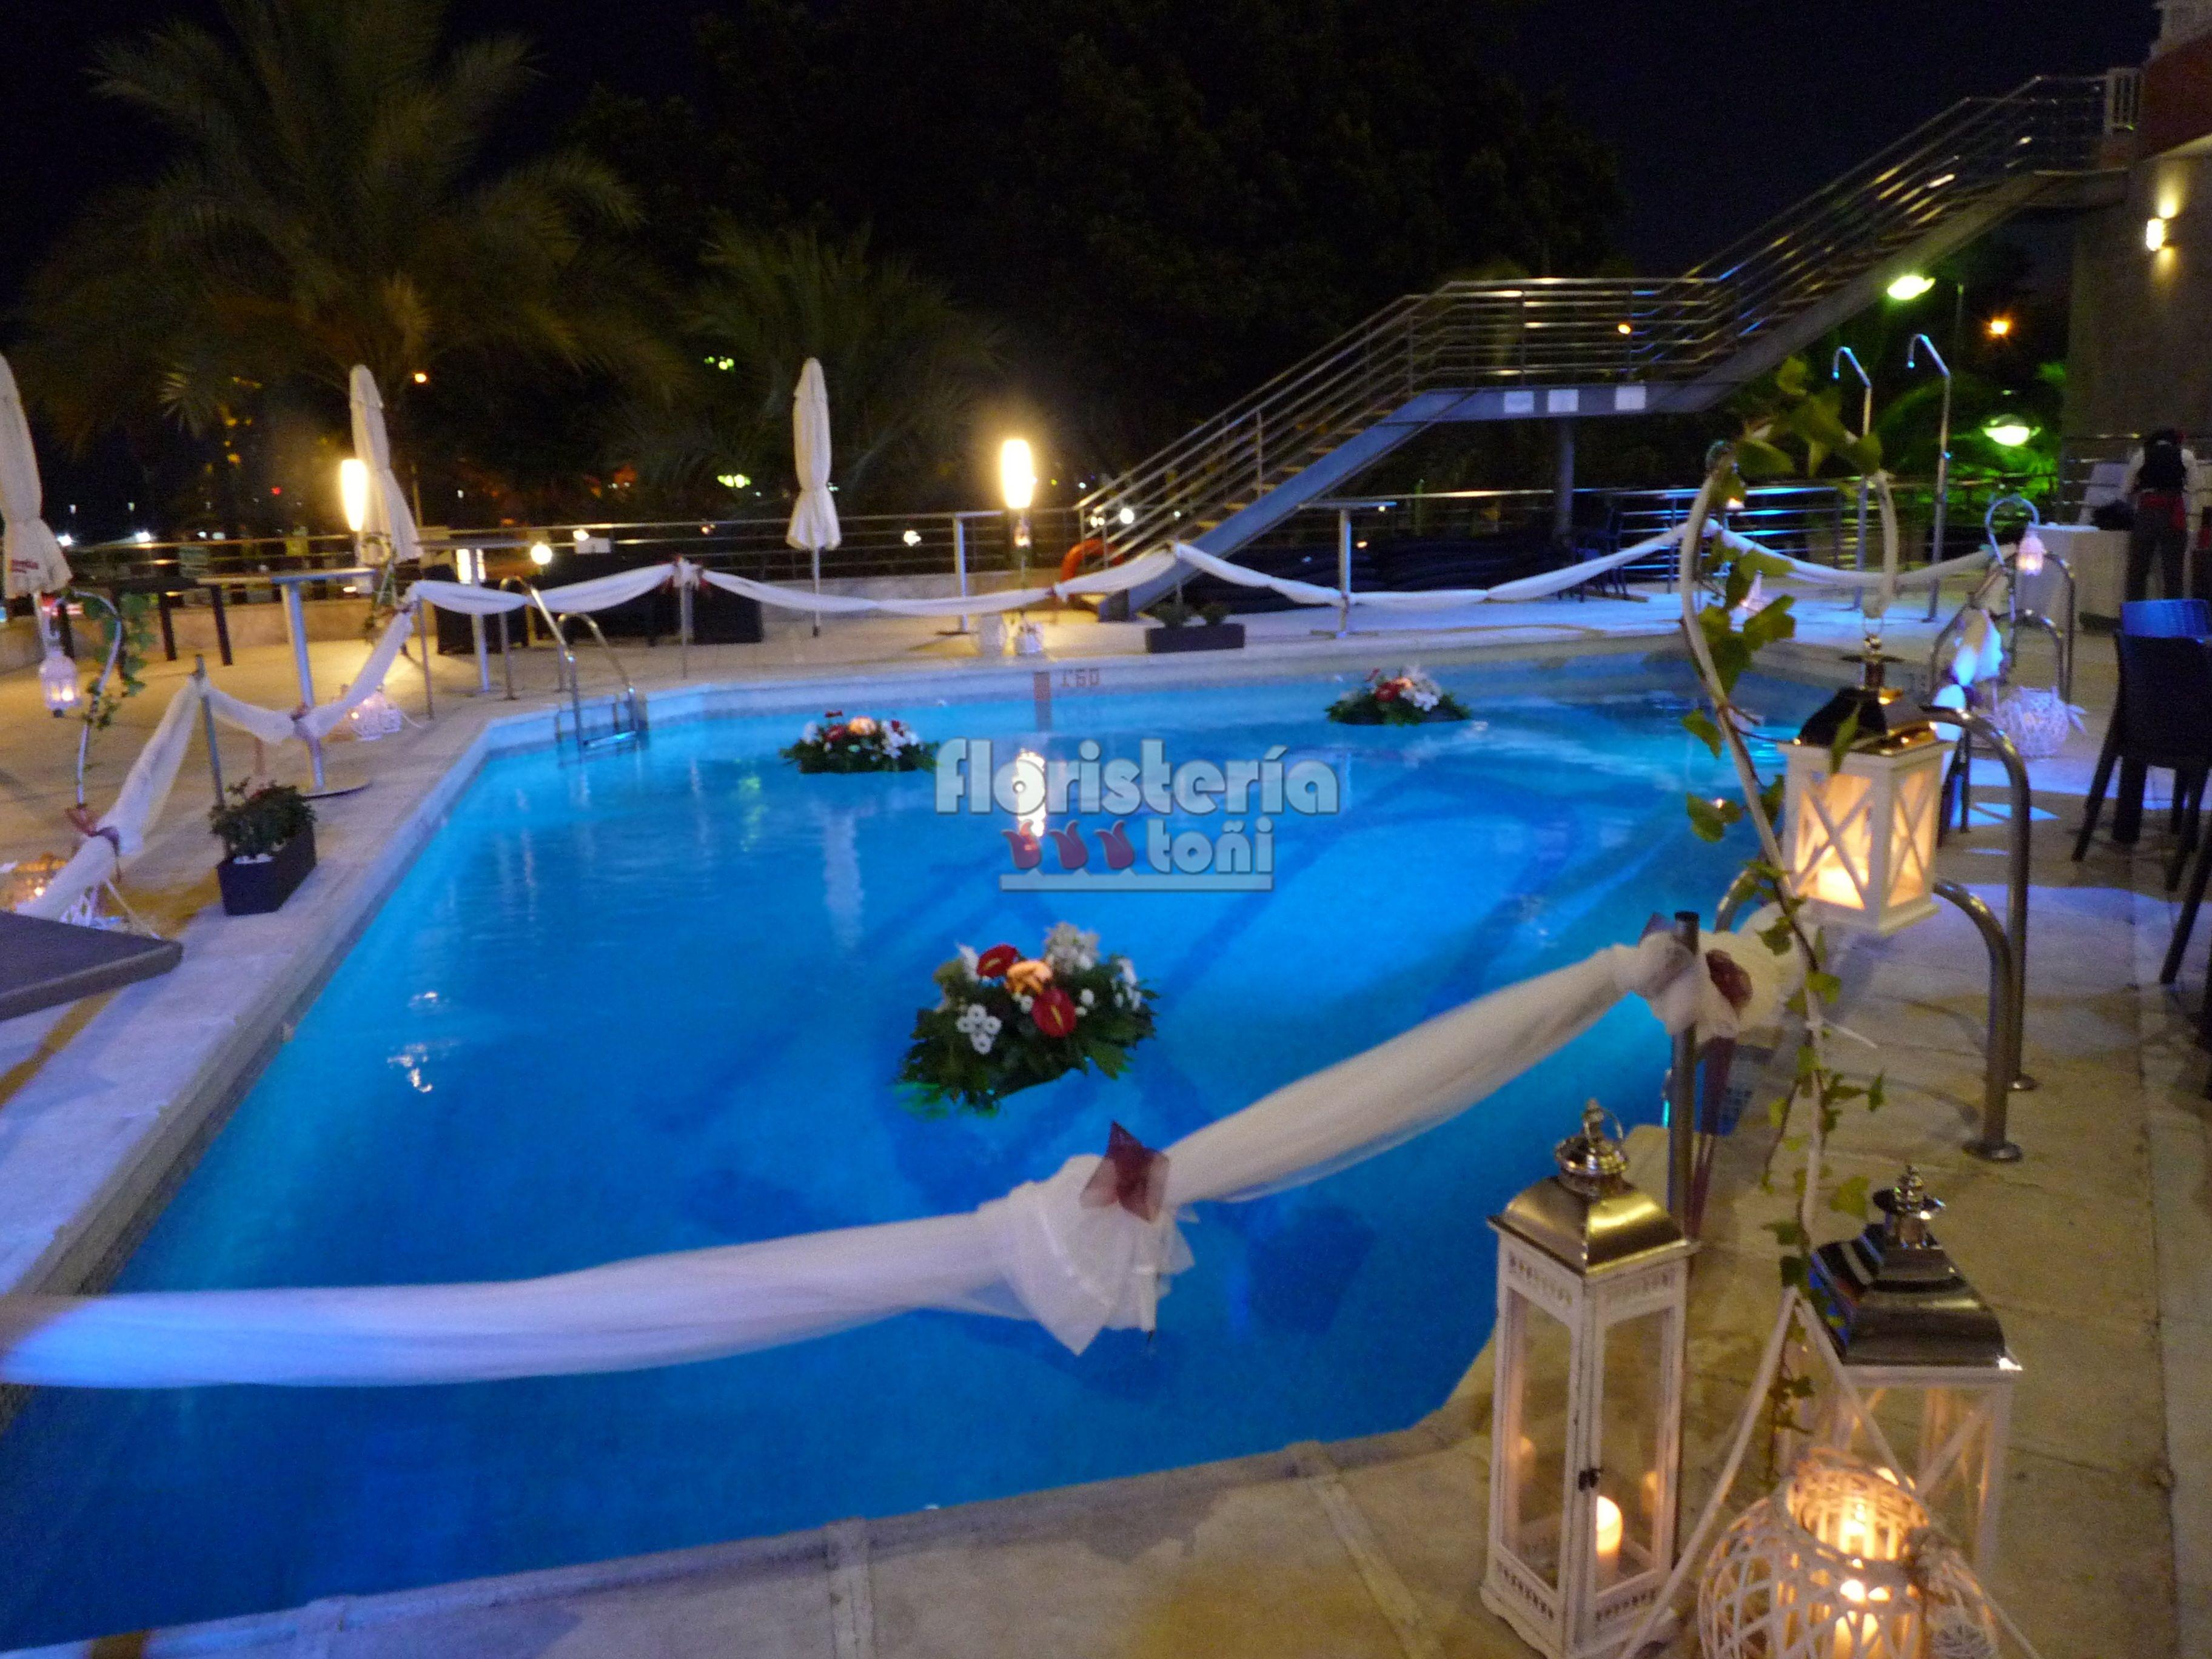 Decoraci n terraza gran hotel almer a con centros for Velas flotantes piscina